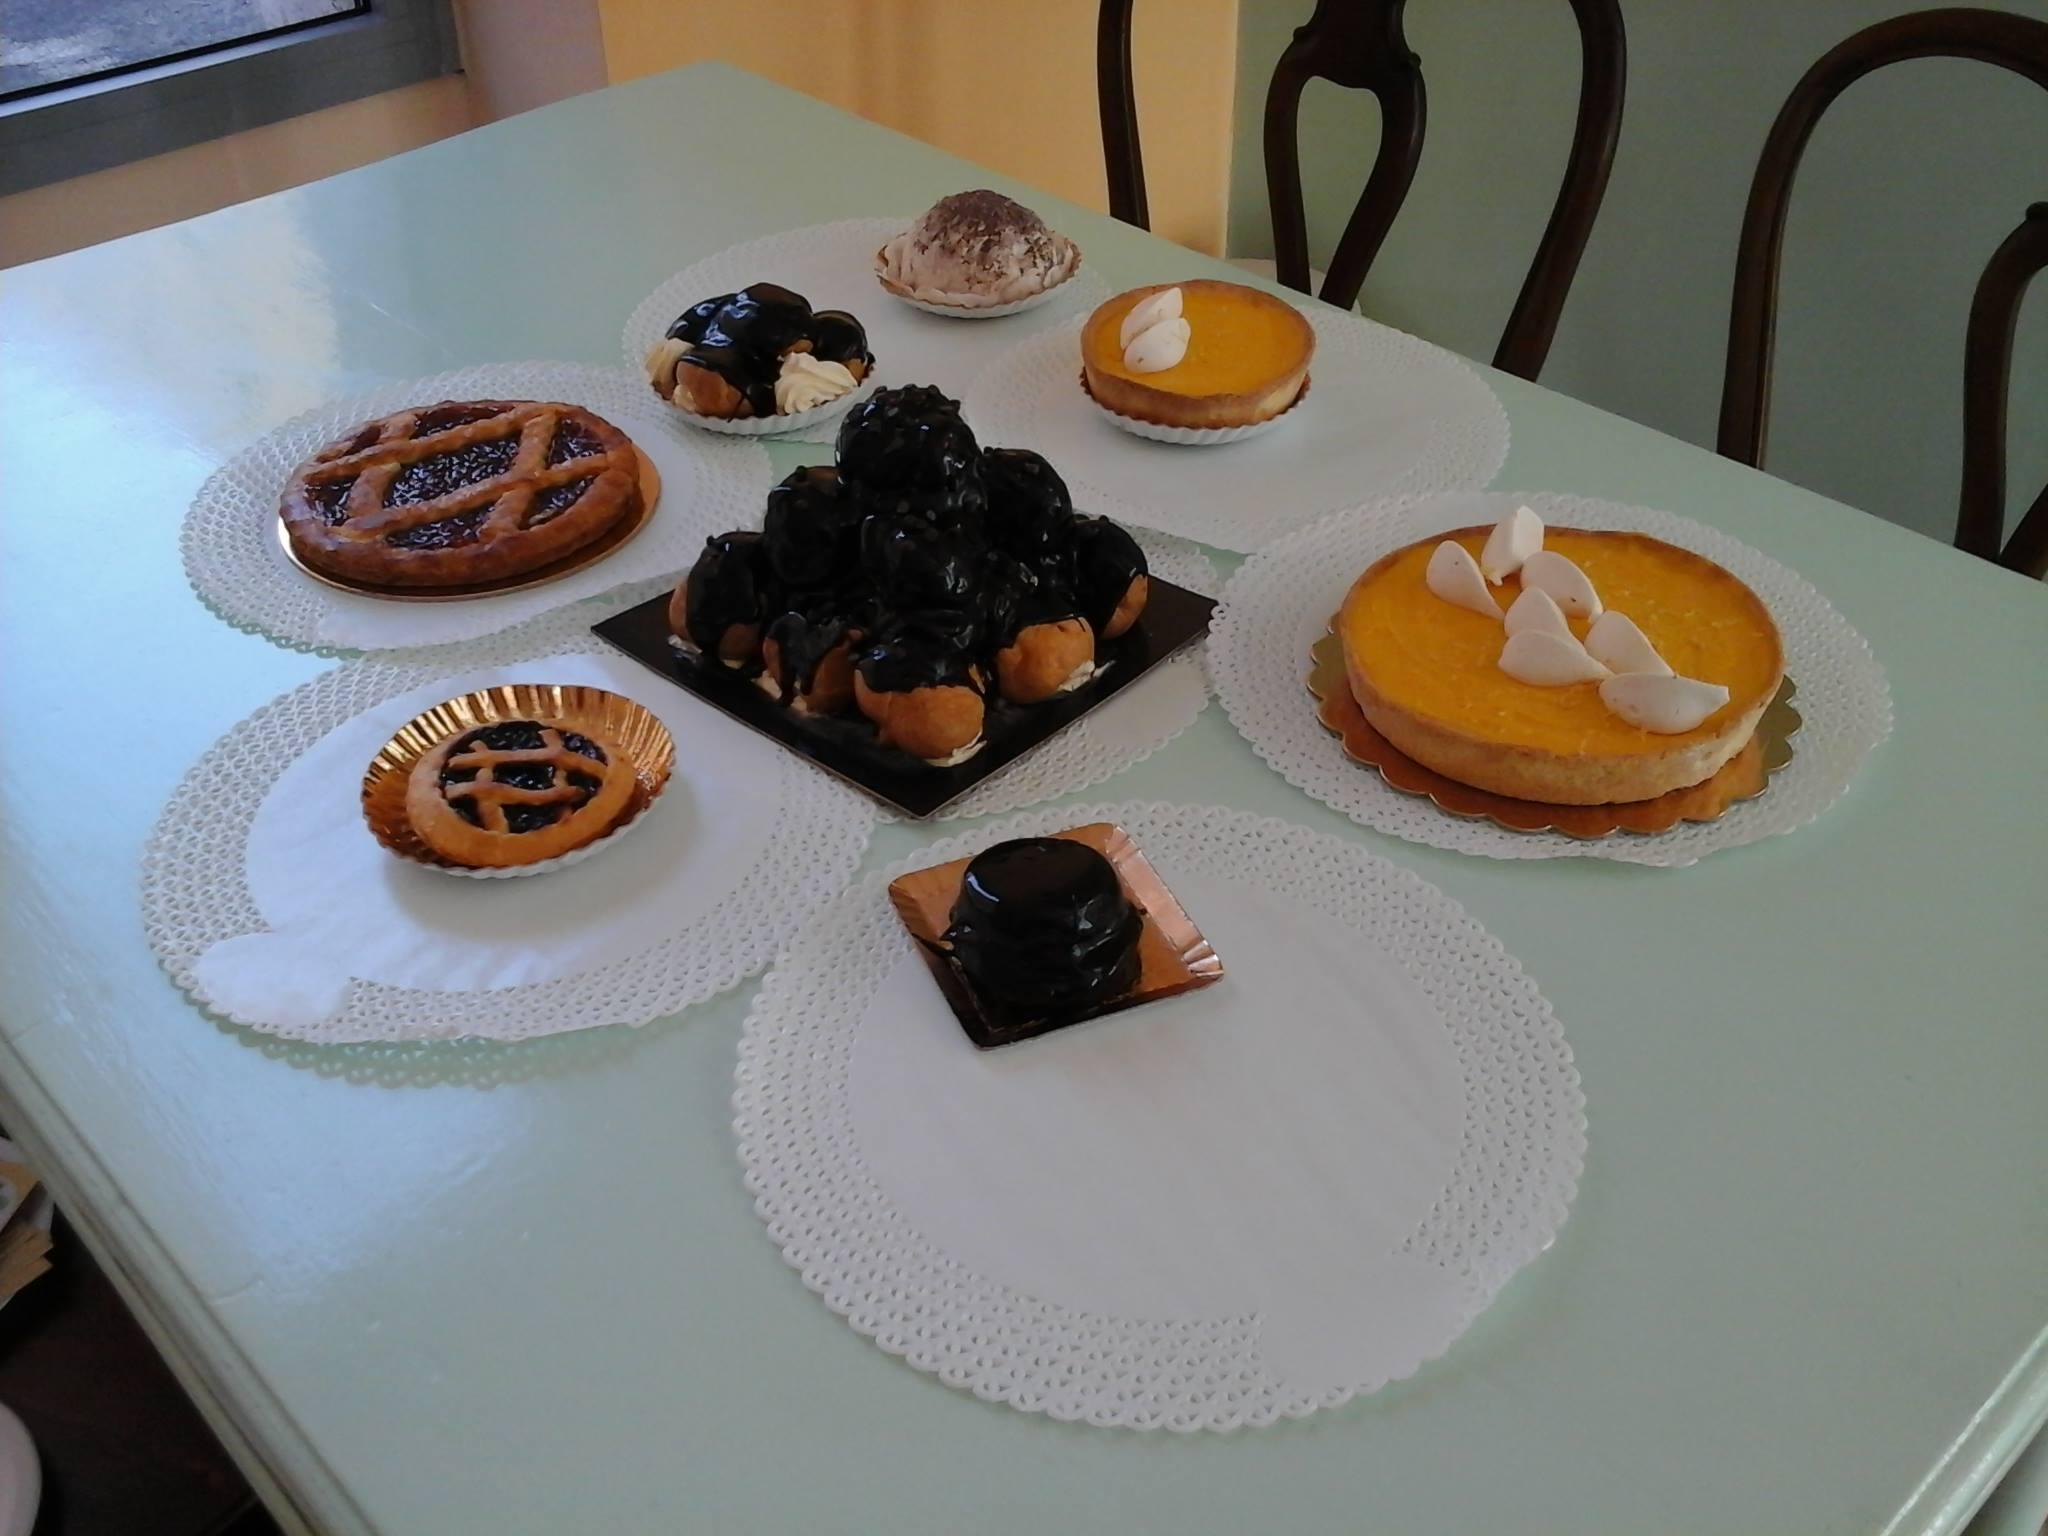 Tavola con crostata al limone, marmellata, Zuccotto, profiterol al cioccolato e panna